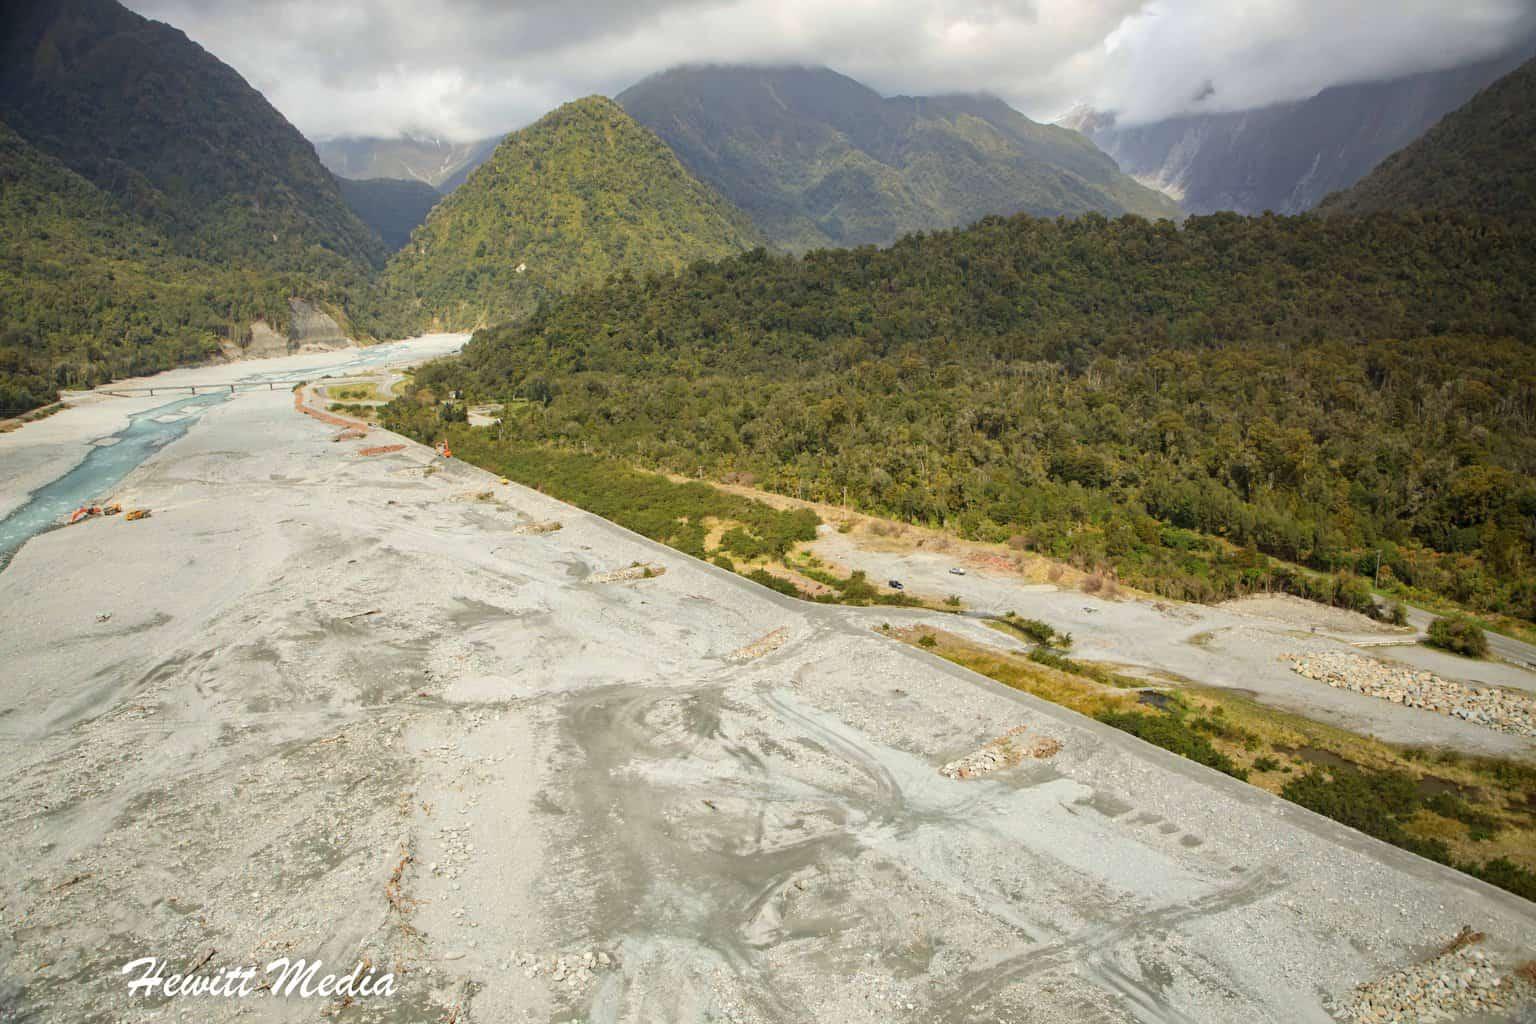 Franz Josef Glacier glacial valley